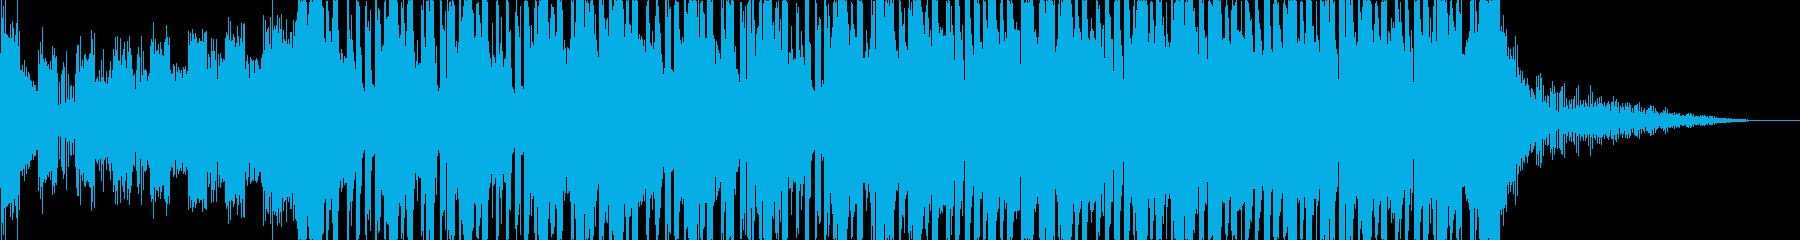 不思議なコード感をもつリキッドステップの再生済みの波形